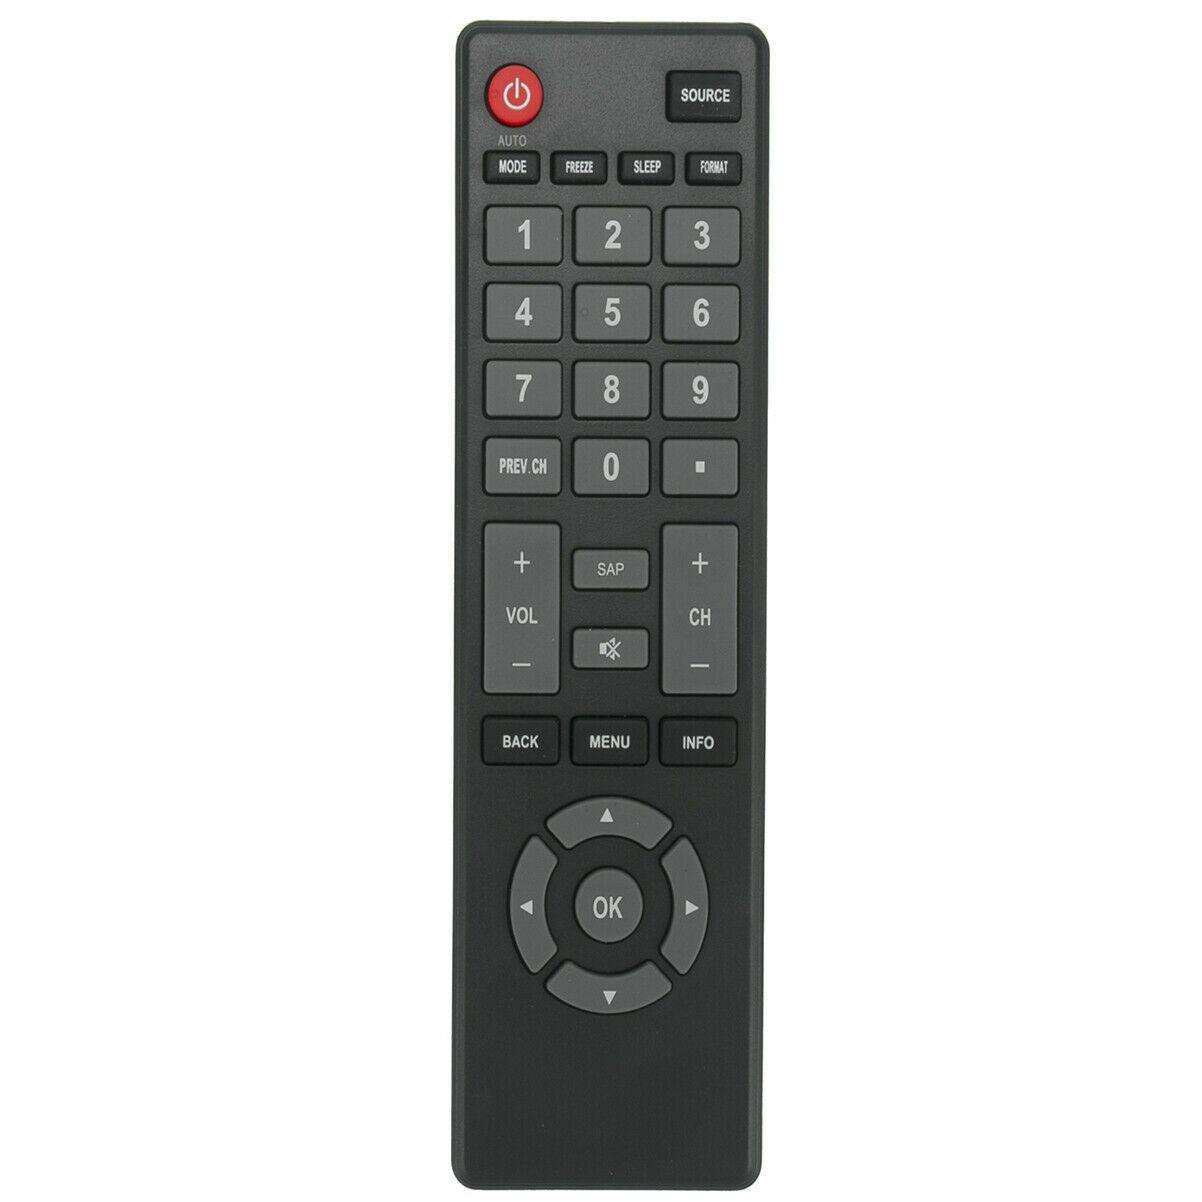 NH300UD Remote for Magnavox TV 22ME402V//F7 24ME403V//F7 32ME403V//F7 40ME325V//F7